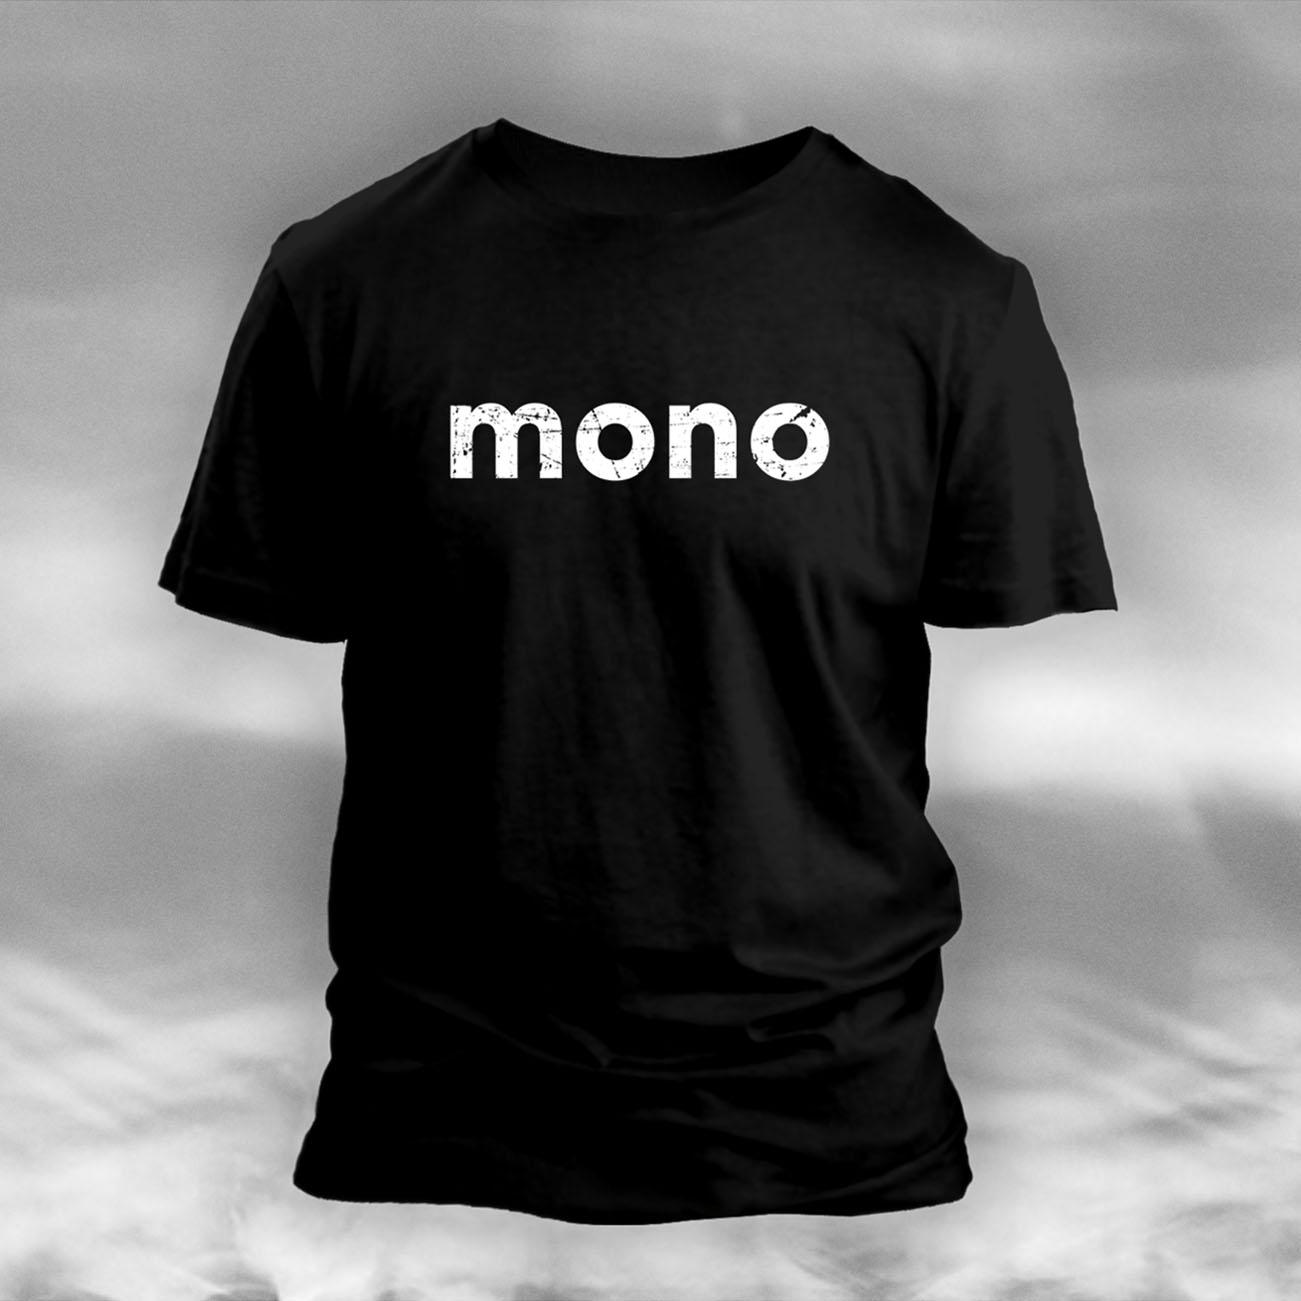 MONO - 'Logo' T-Shirt - MONO